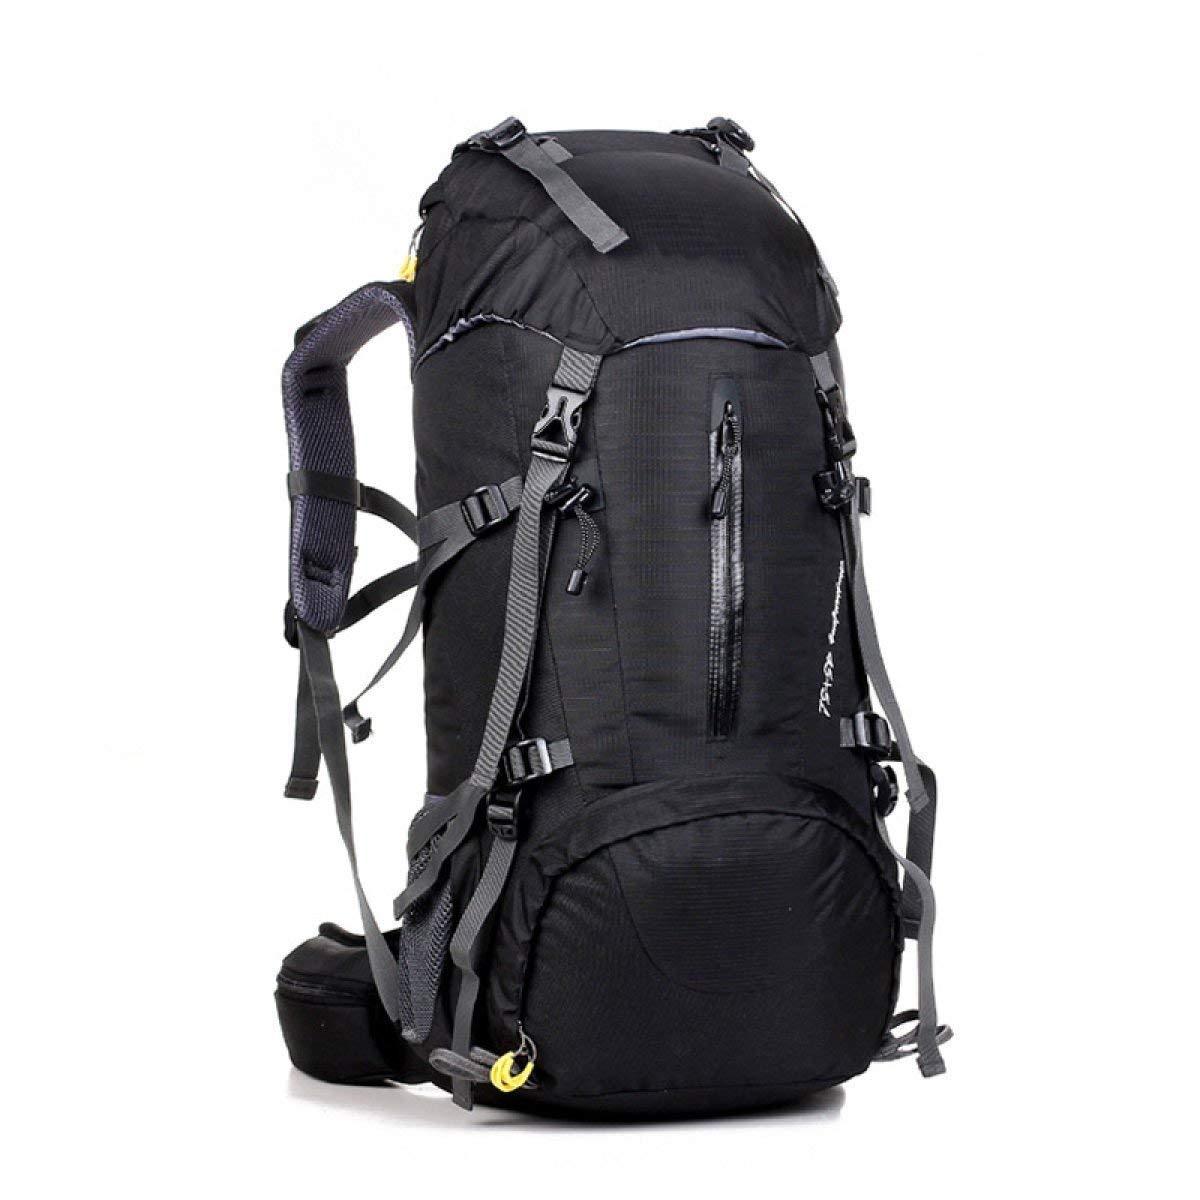 Lounayy Im Mit Baldachin Freien Wandern Stylisch Bergsteigen Taschen Mode Reisen Camping Sport Radfahren Fitness Skifahren Langlebig Rucksack 45 + 5L (Farbe   D, Größe   One Größe)